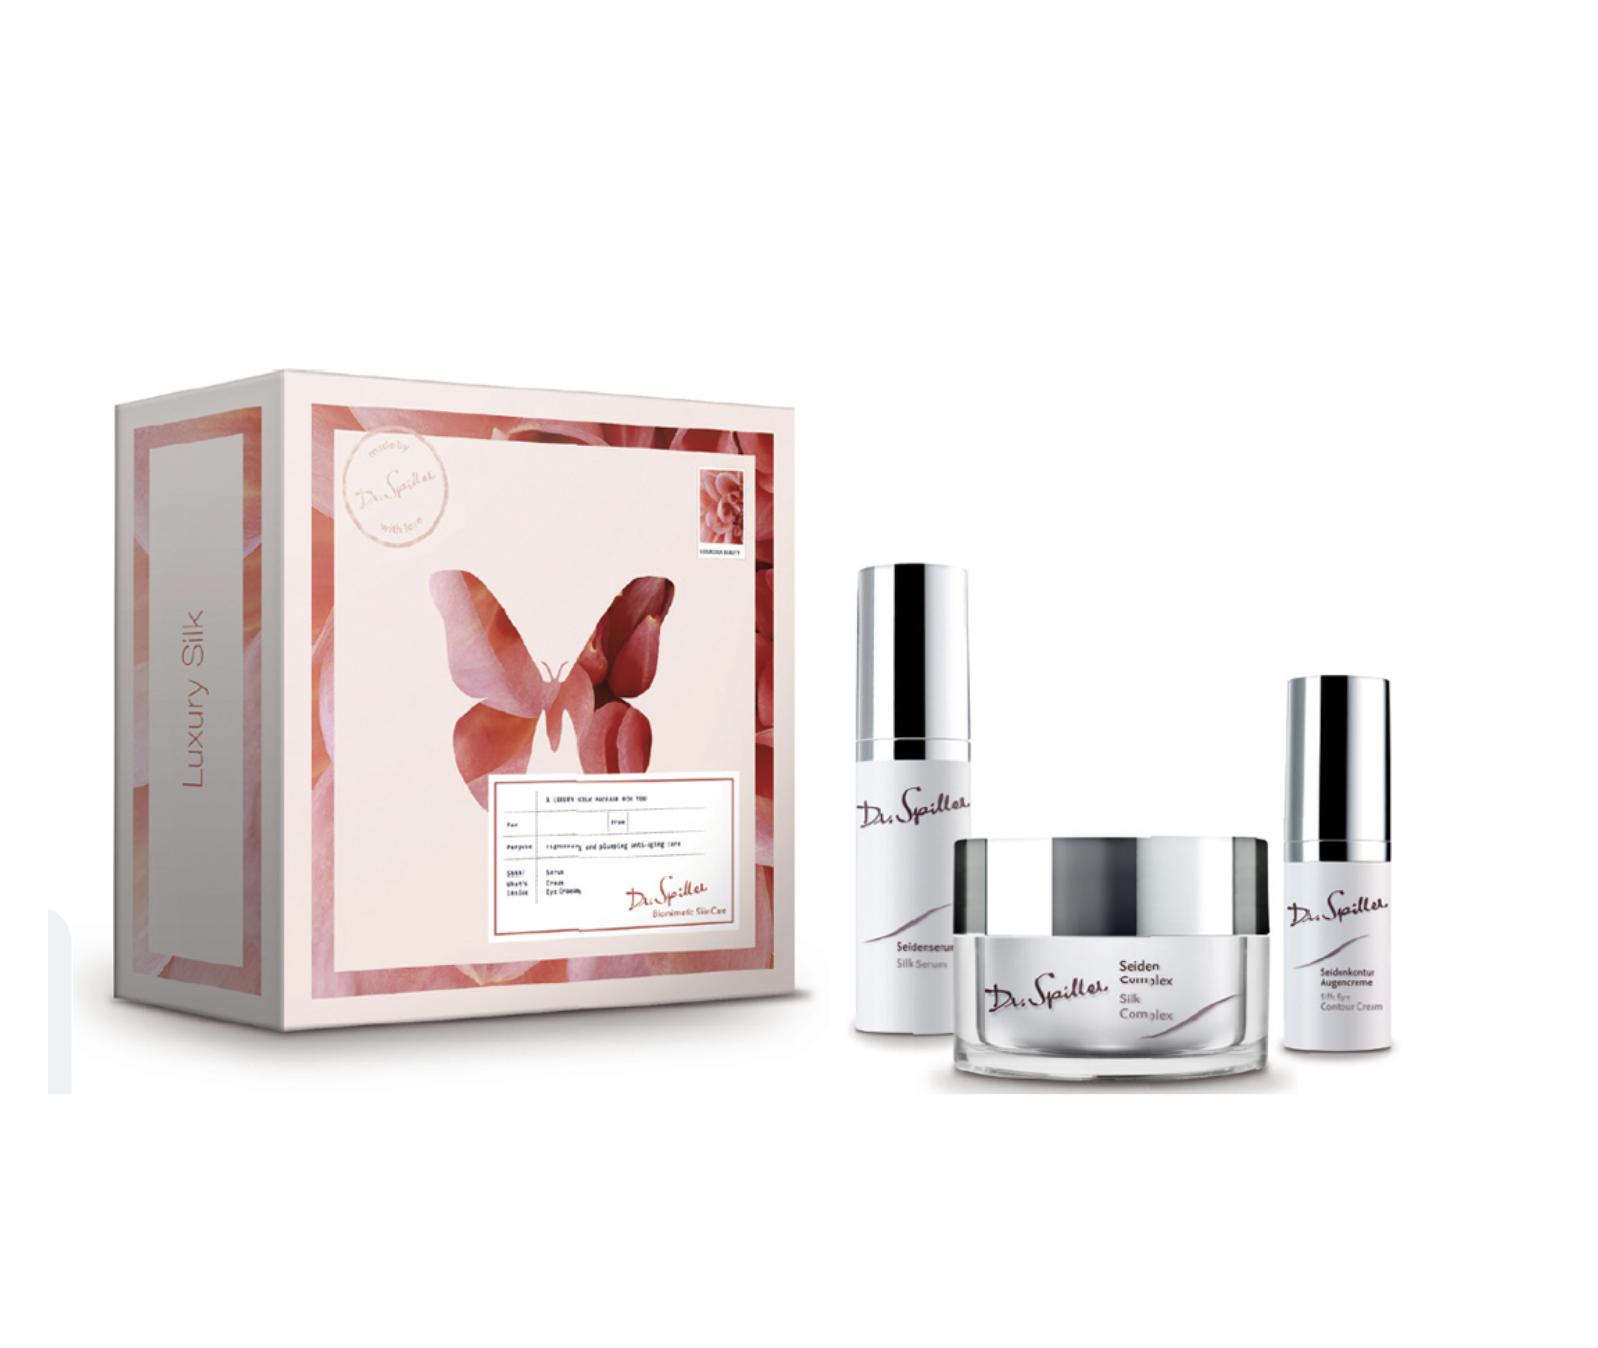 Gesichtspflege-Set Luxury Silk